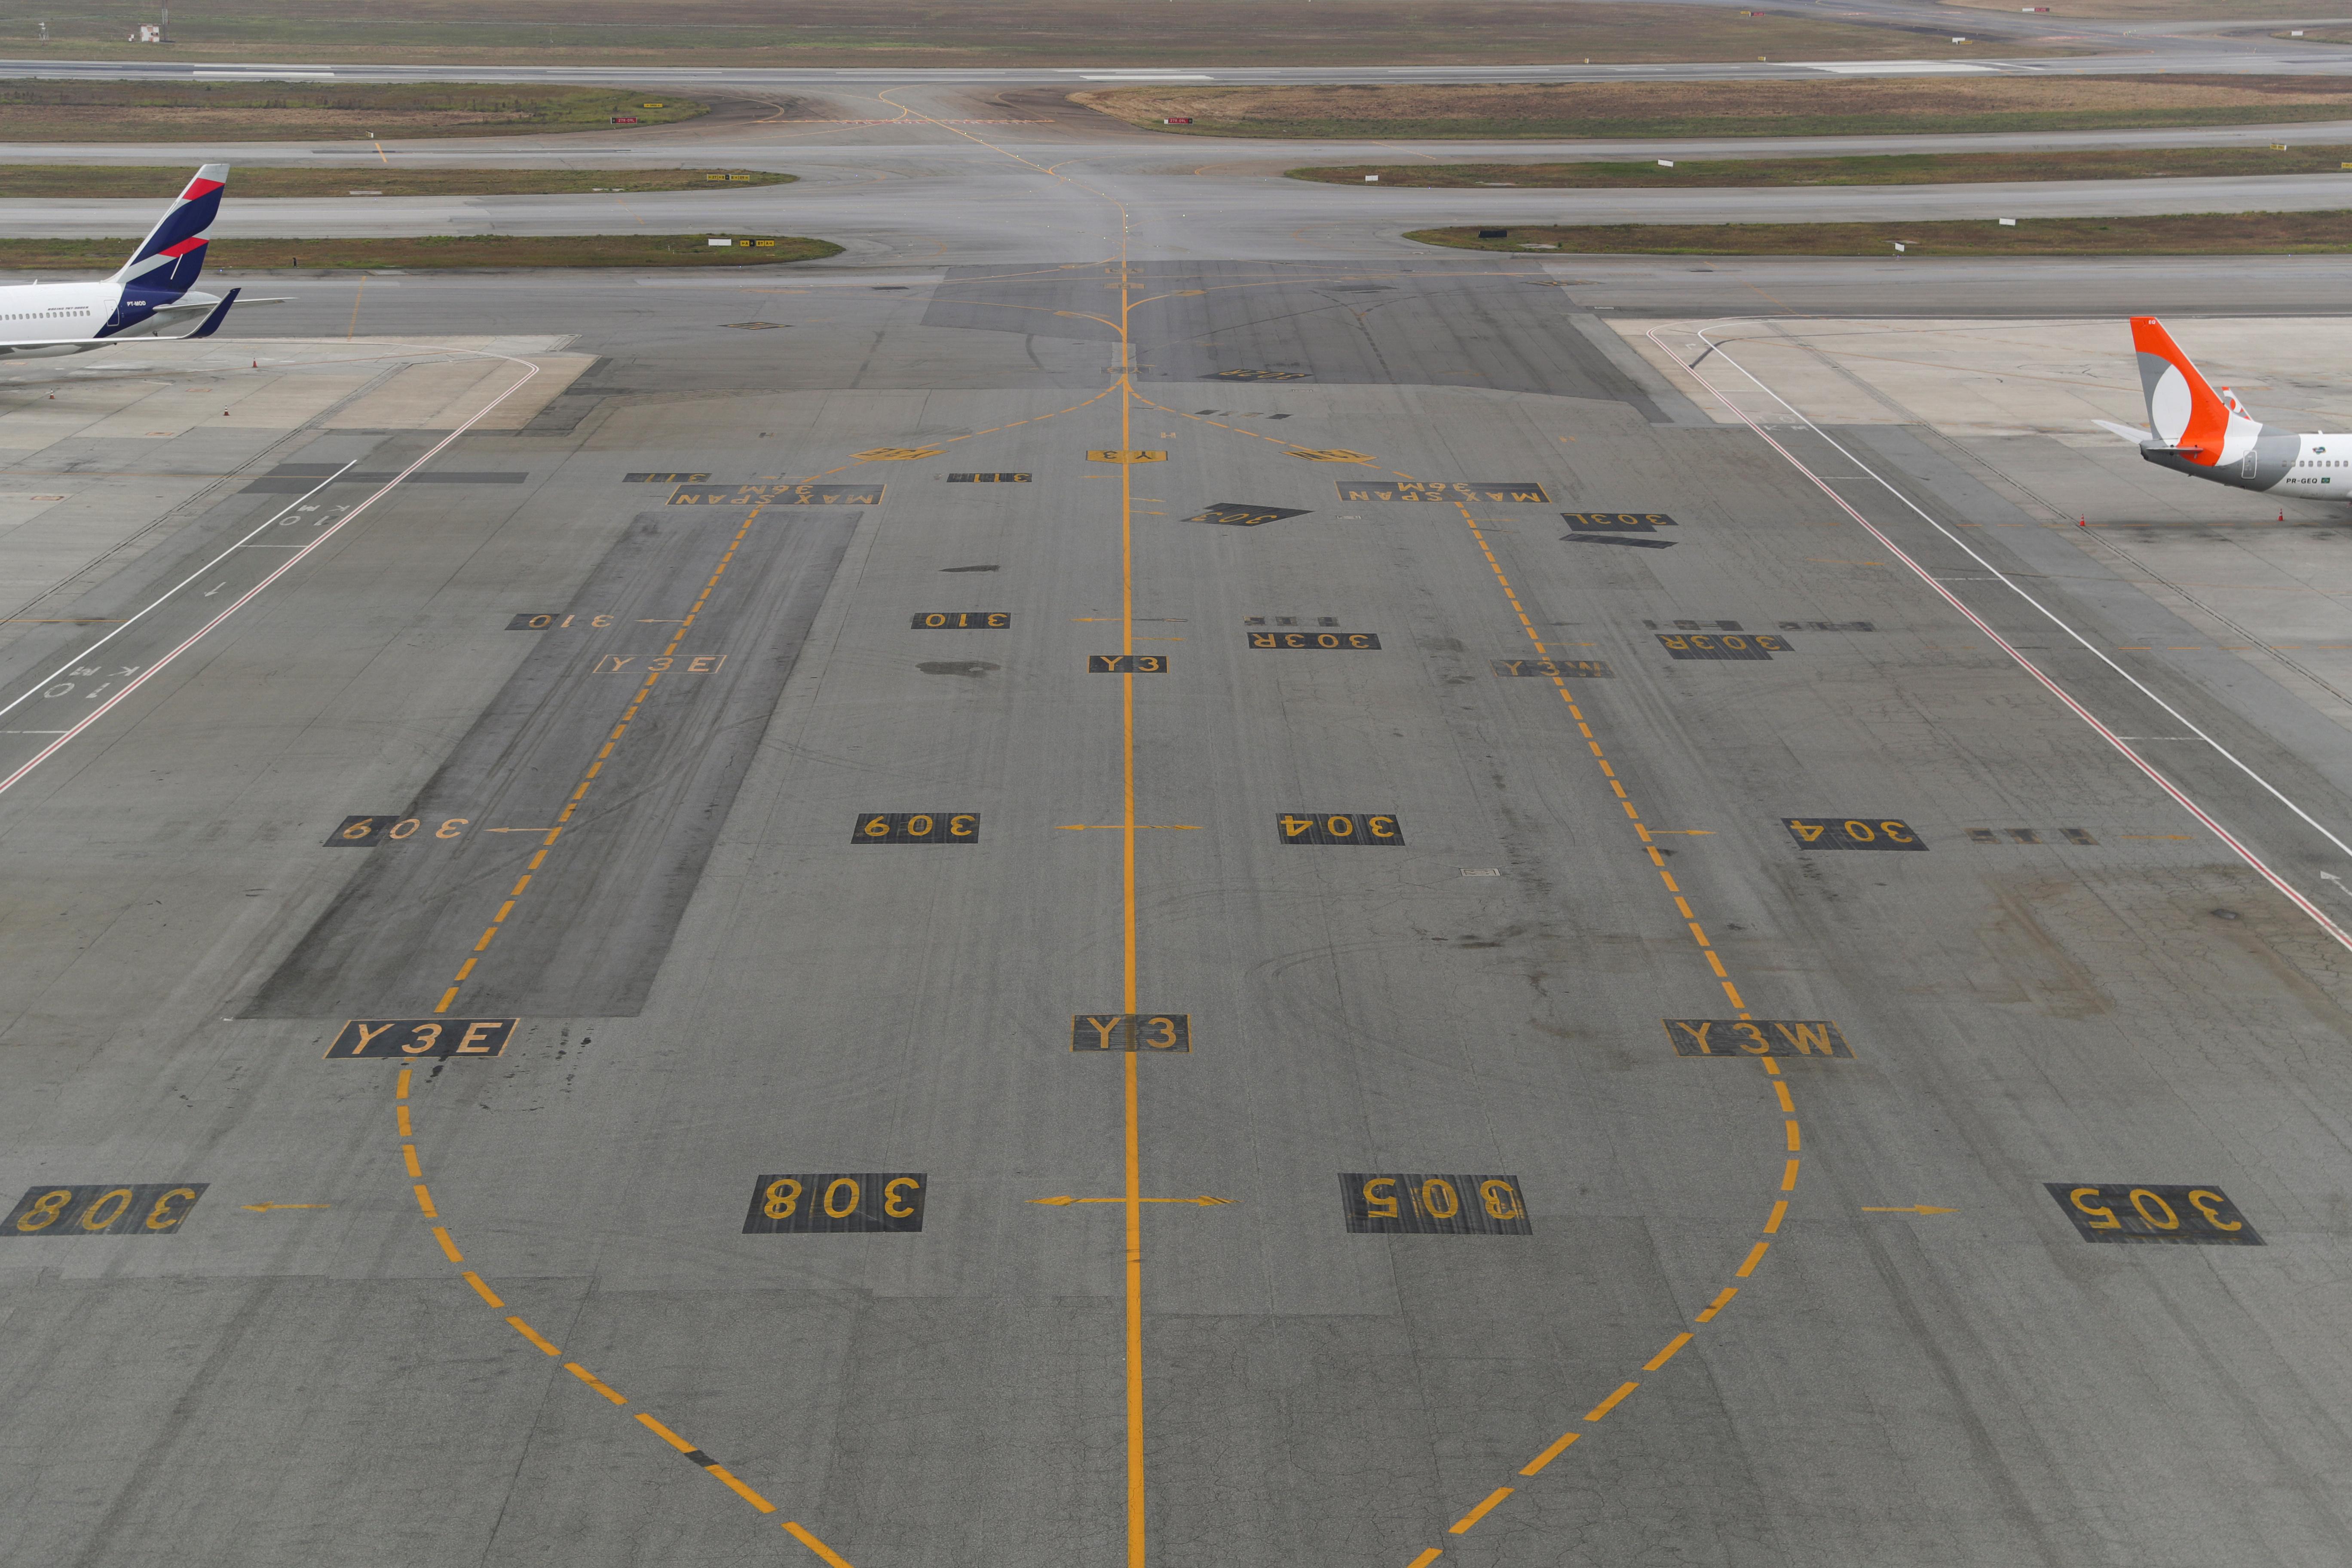 AHORA - Una pista del aeropuerto internacional Guarulhos vacía en San Pablo, Brasil (REUTERS/Amanda Perobelli)